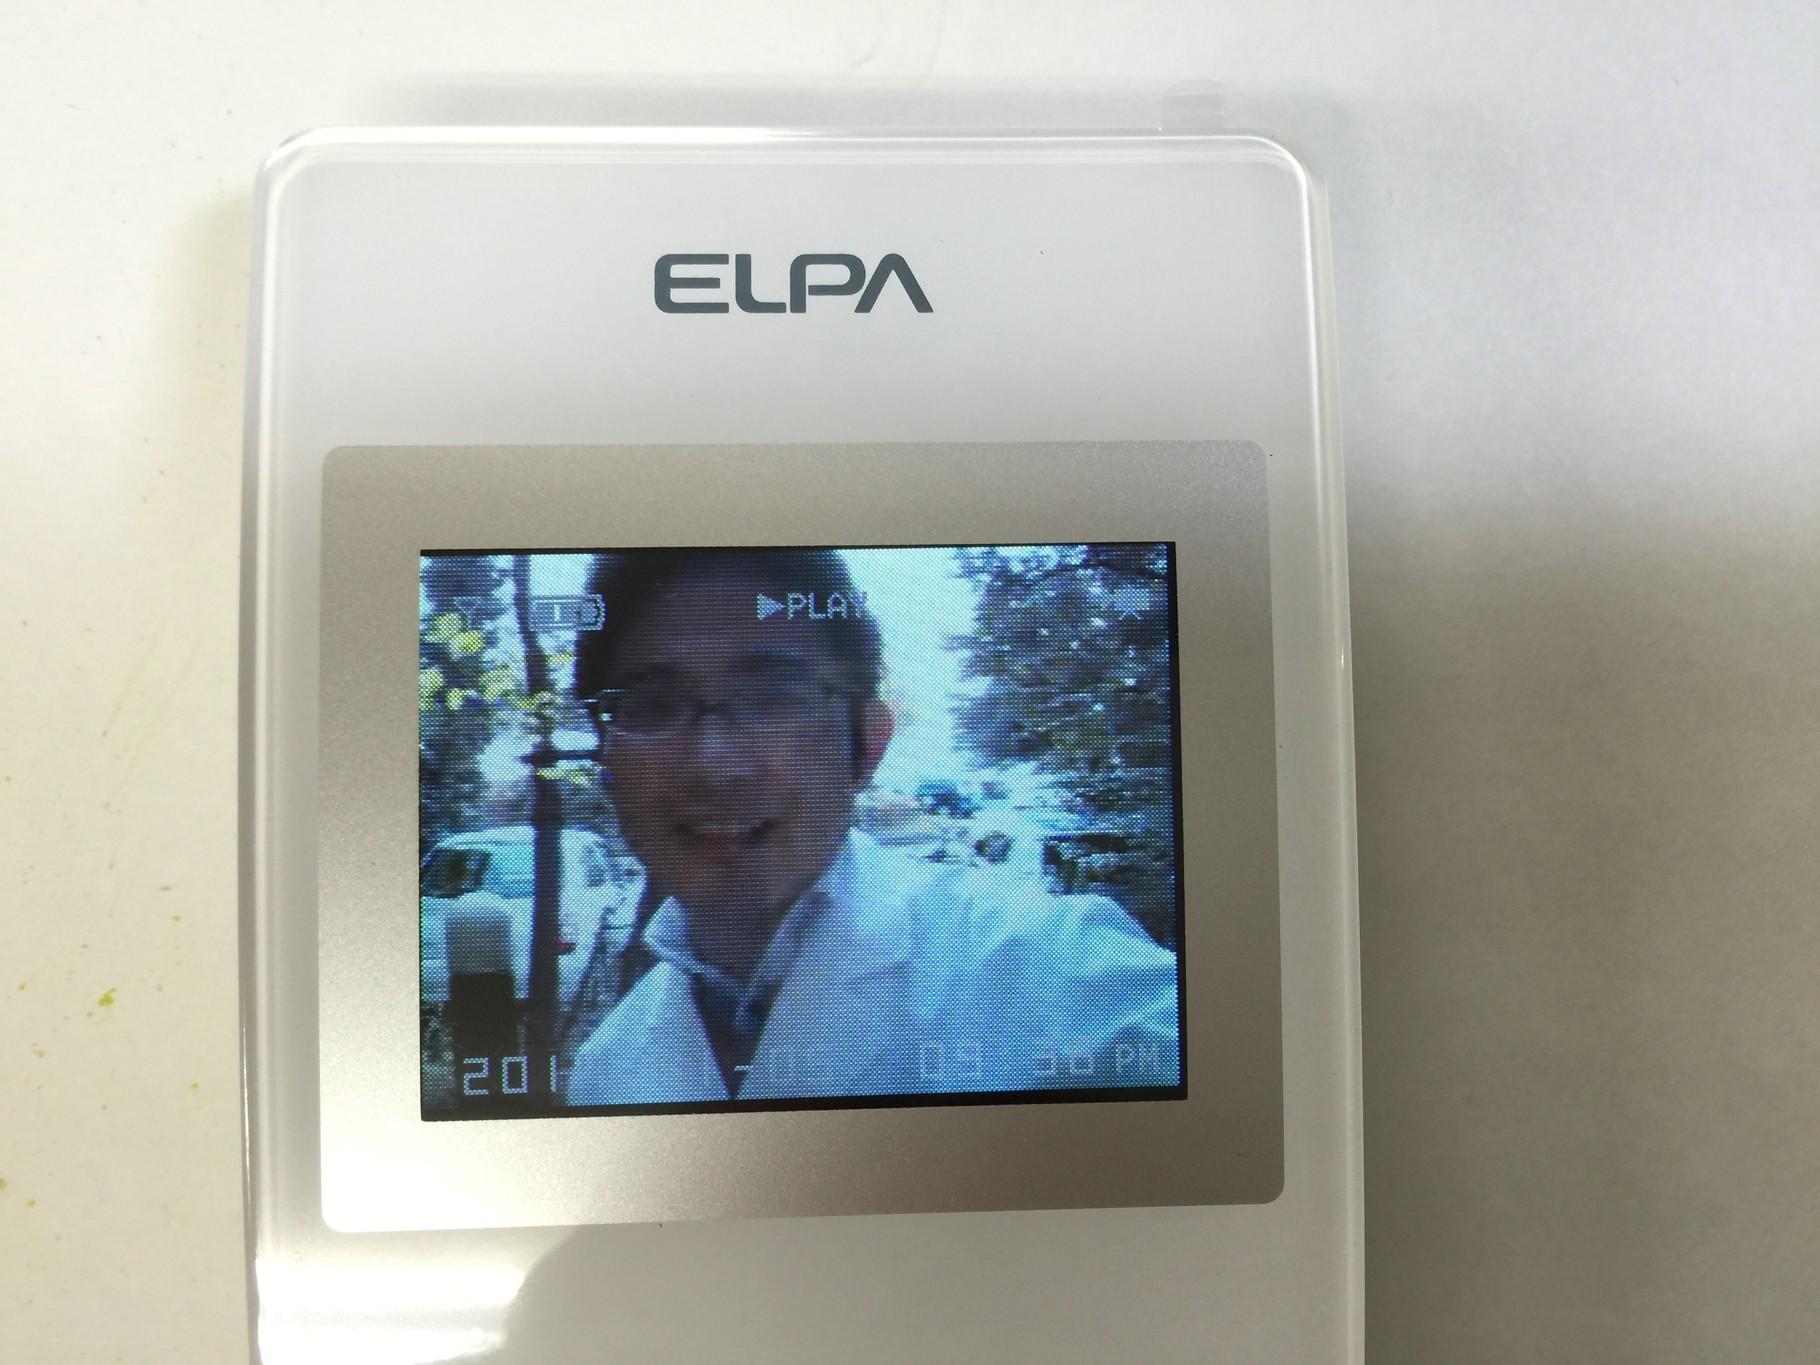 【ワイヤレスインターホンは本当に使える?】ELPAワイヤレステレビドアホンの使用感と注意したいポイント! 2015-12-3